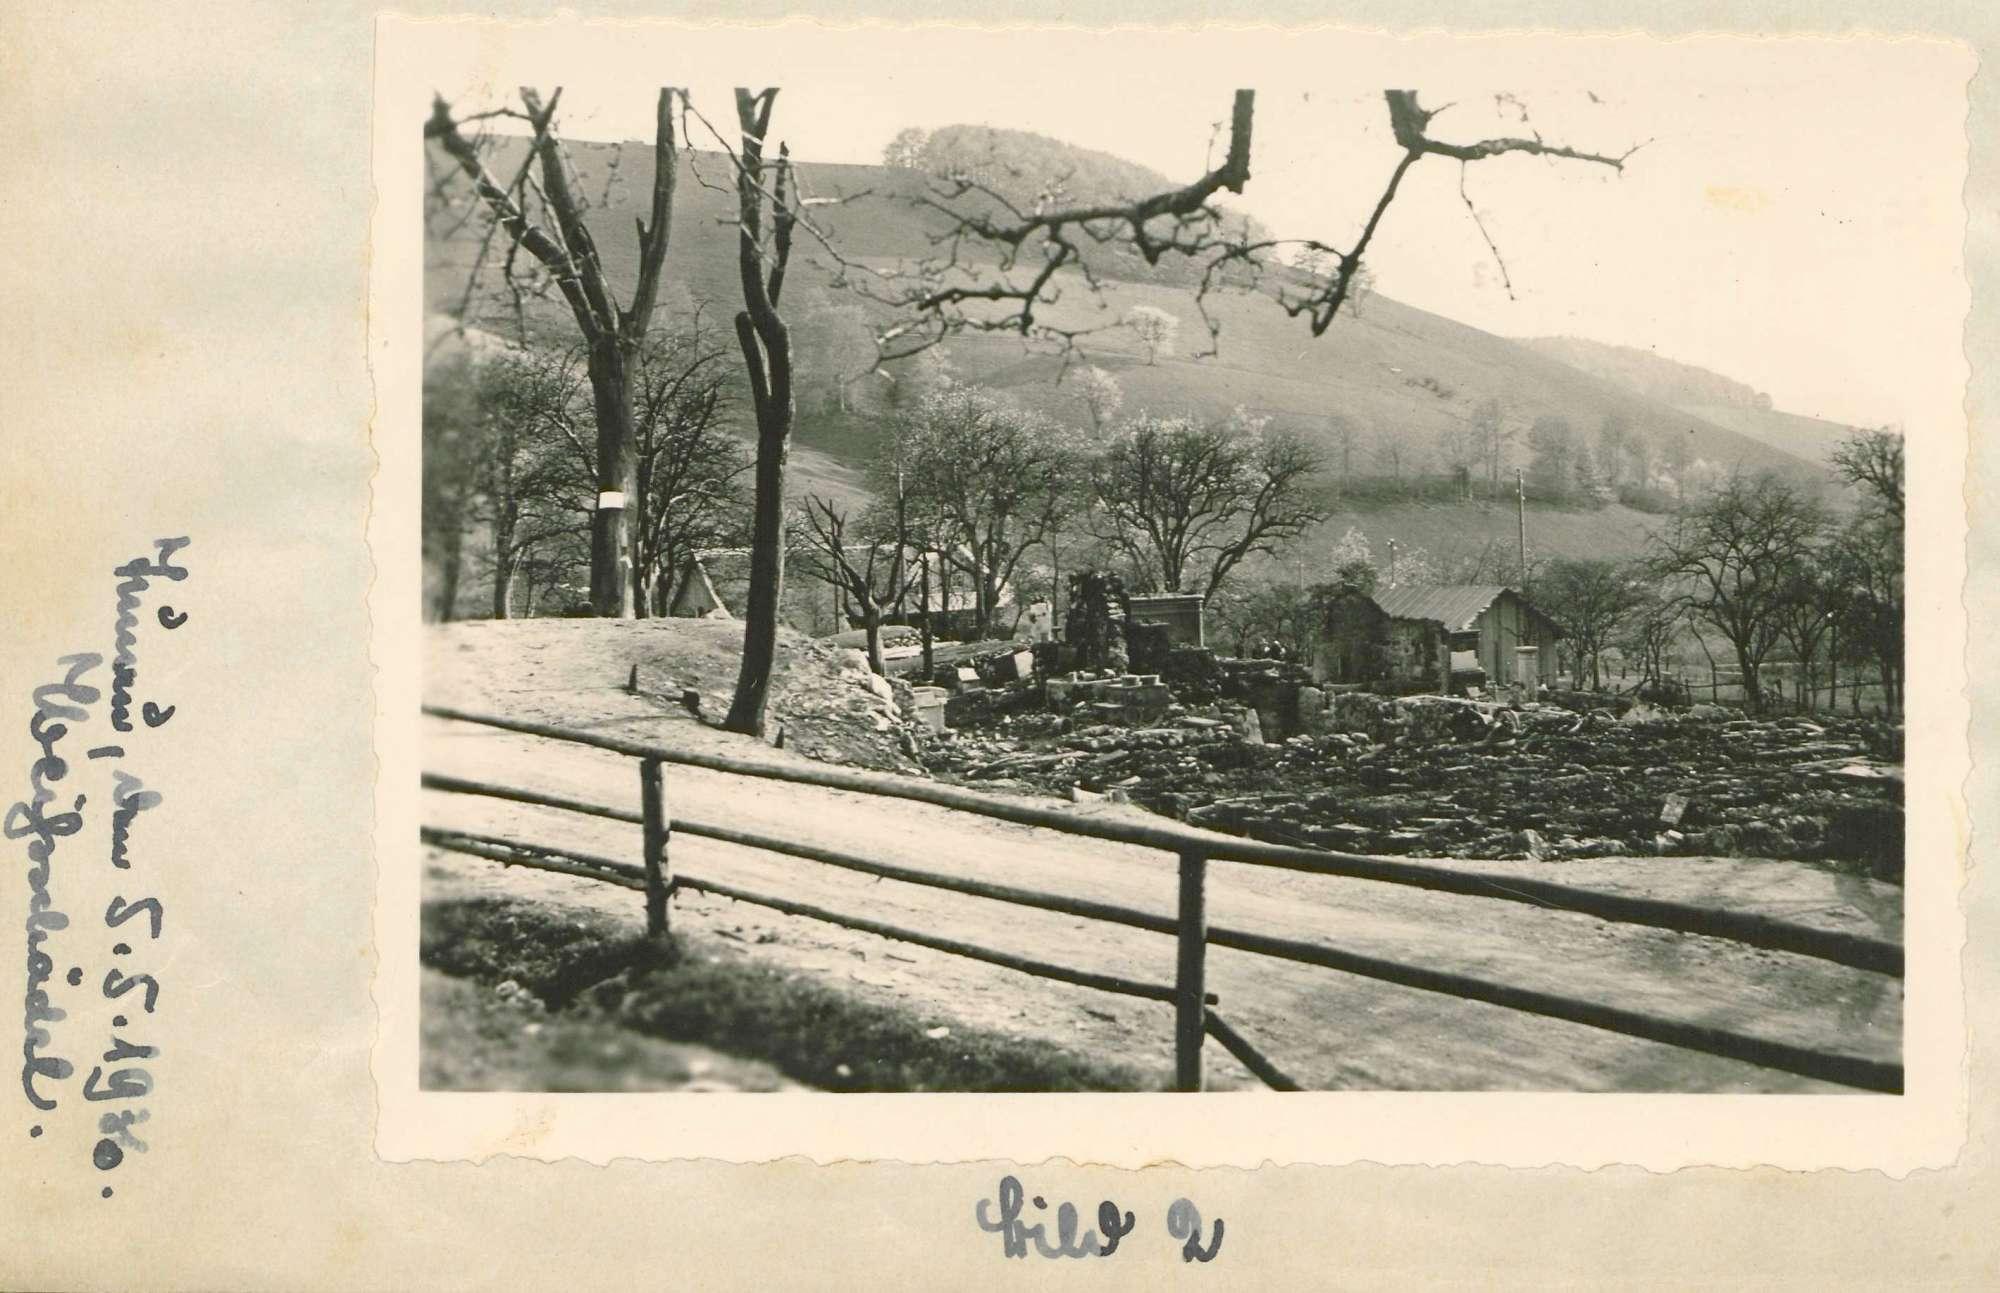 Arbeit des Hilfswerks Tunau nach dem Brand in Tunau vom 26.April 1936; Wiederaufbau des abgebrannten Ortes, Bild 3